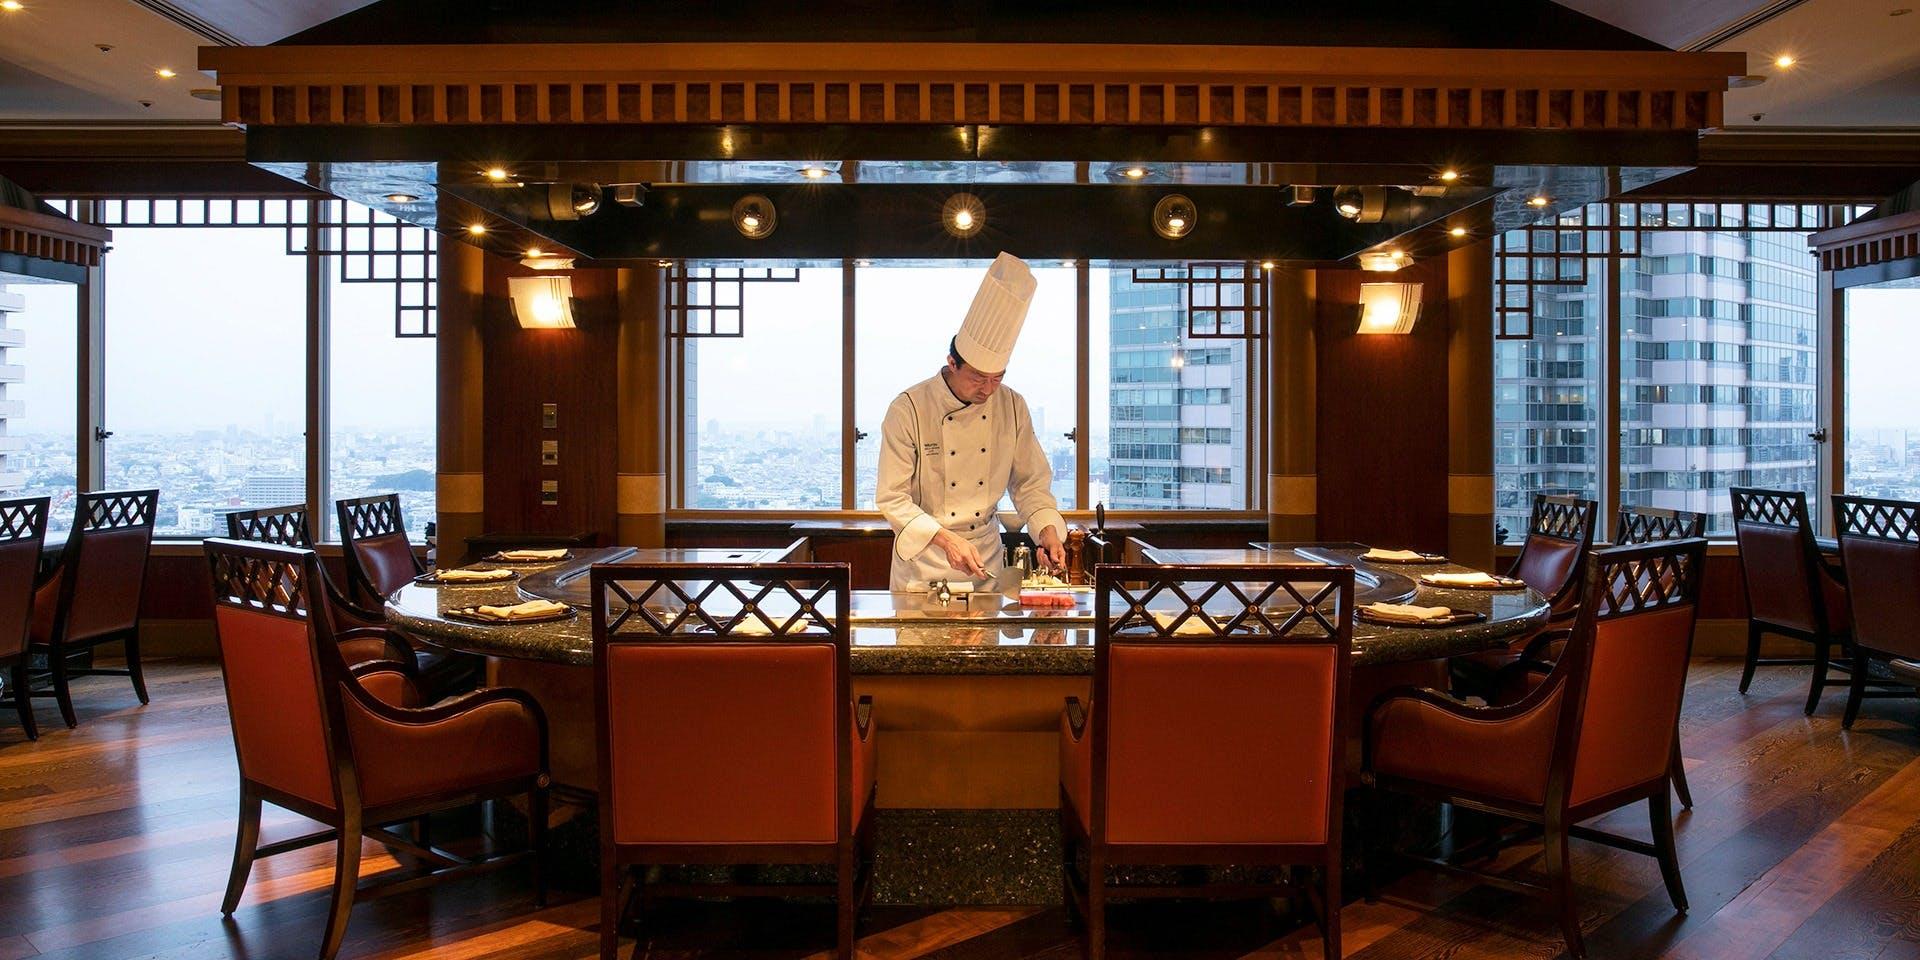 記念日におすすめのレストラン・鉄板焼 恵比寿/ウェスティンホテル東京の写真1